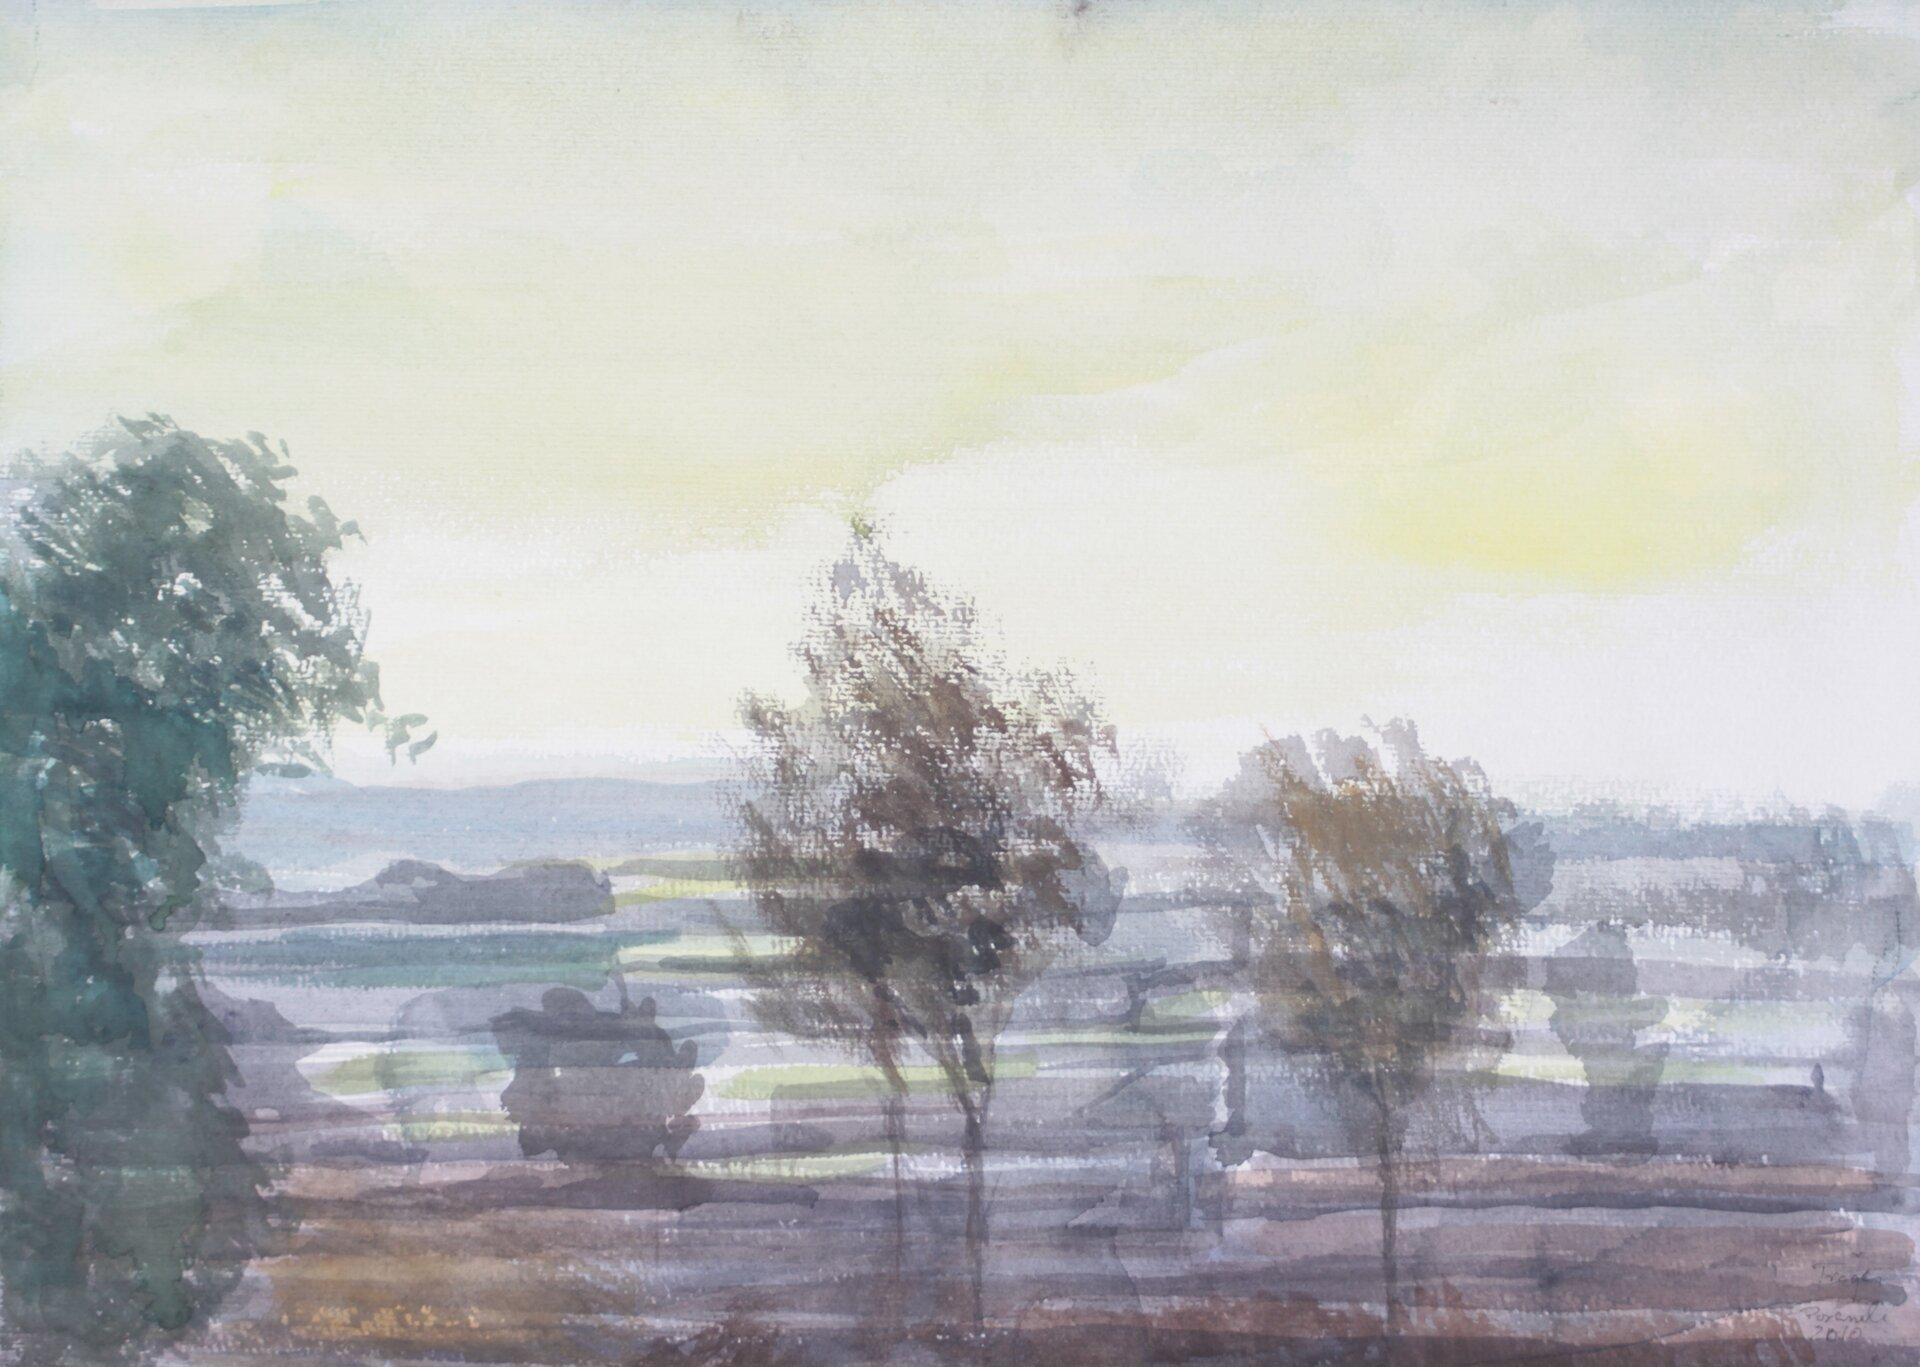 """Ilustracja przedstawia obraz """"Poranek"""" autorstwa Michała Trägera. Akwarela ukazuje krajobraz zdelikatnie zaznaczonymi drzewami ikrzewami na pierwszym planie. Woddali, artysta przy pomocy lekkich poziomych pociągnięć pędzla namalował pola. Nad horyzontem unoszą się biało-żółte chmury. Dół kompozycji utrzymany jest wchłodnej tonacji barw, natomiast góra wciepłej."""